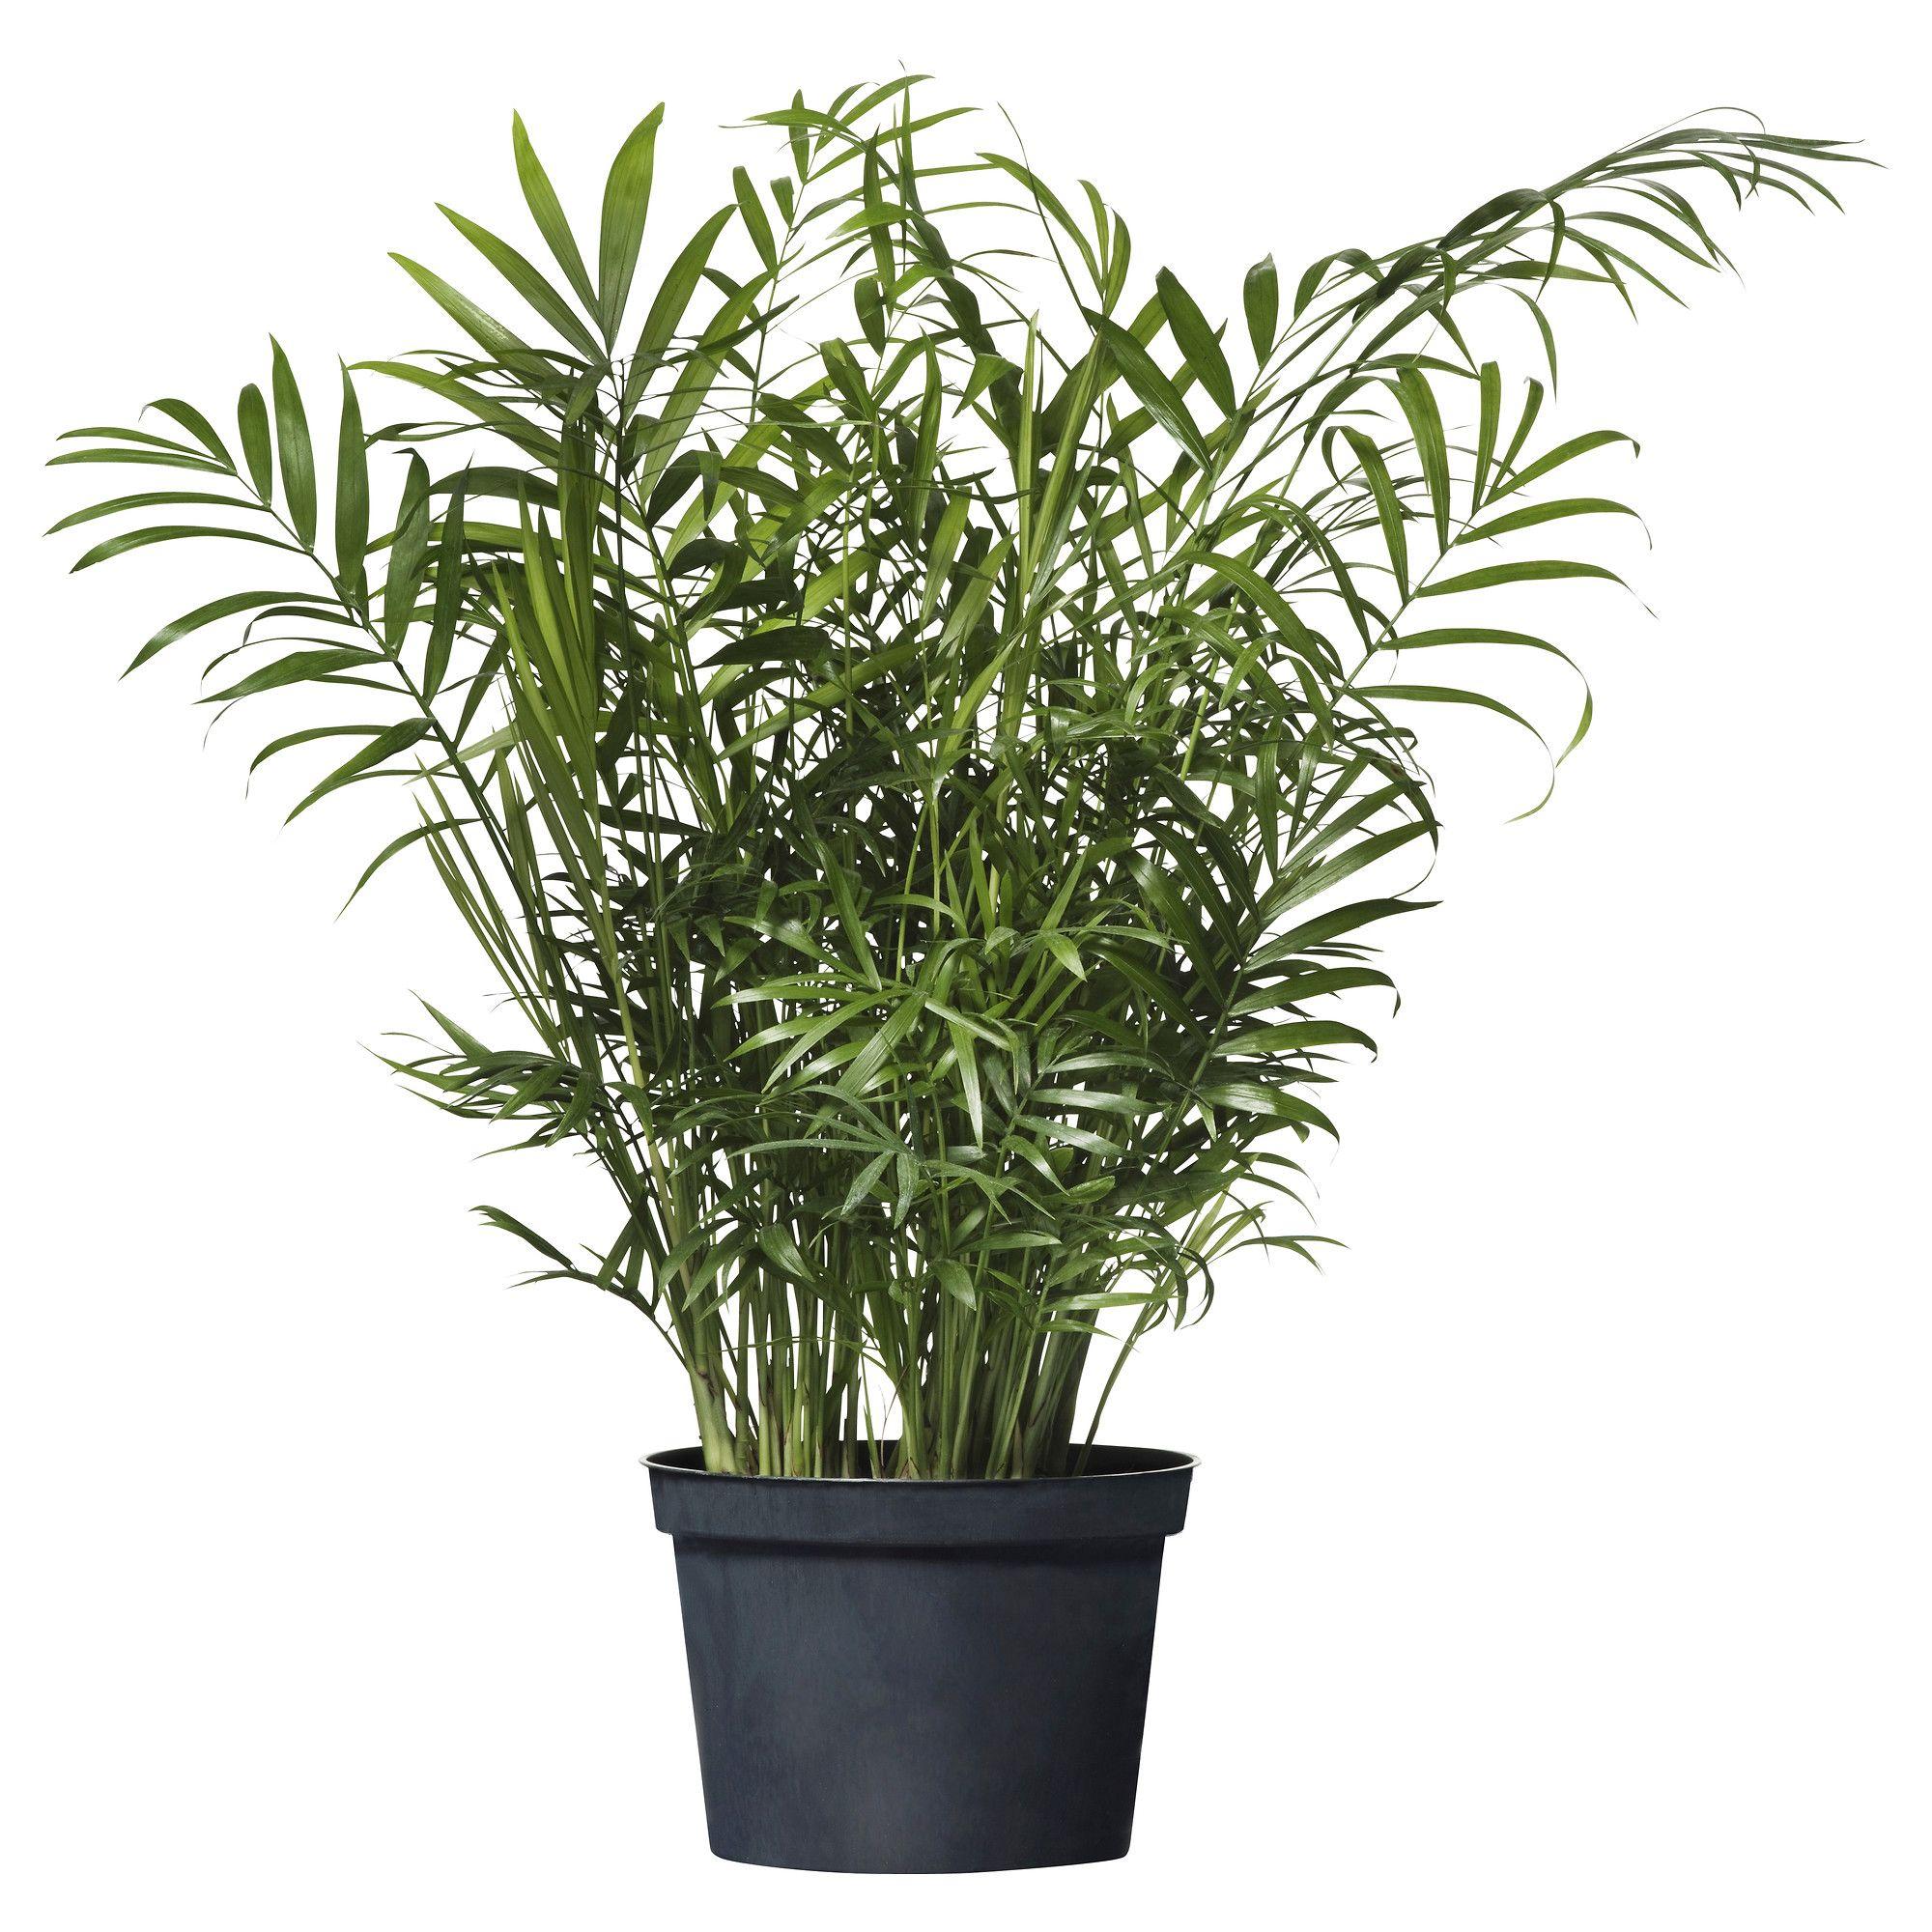 Chamaedorea Elegans Potted Plant Parlor Palm Patio